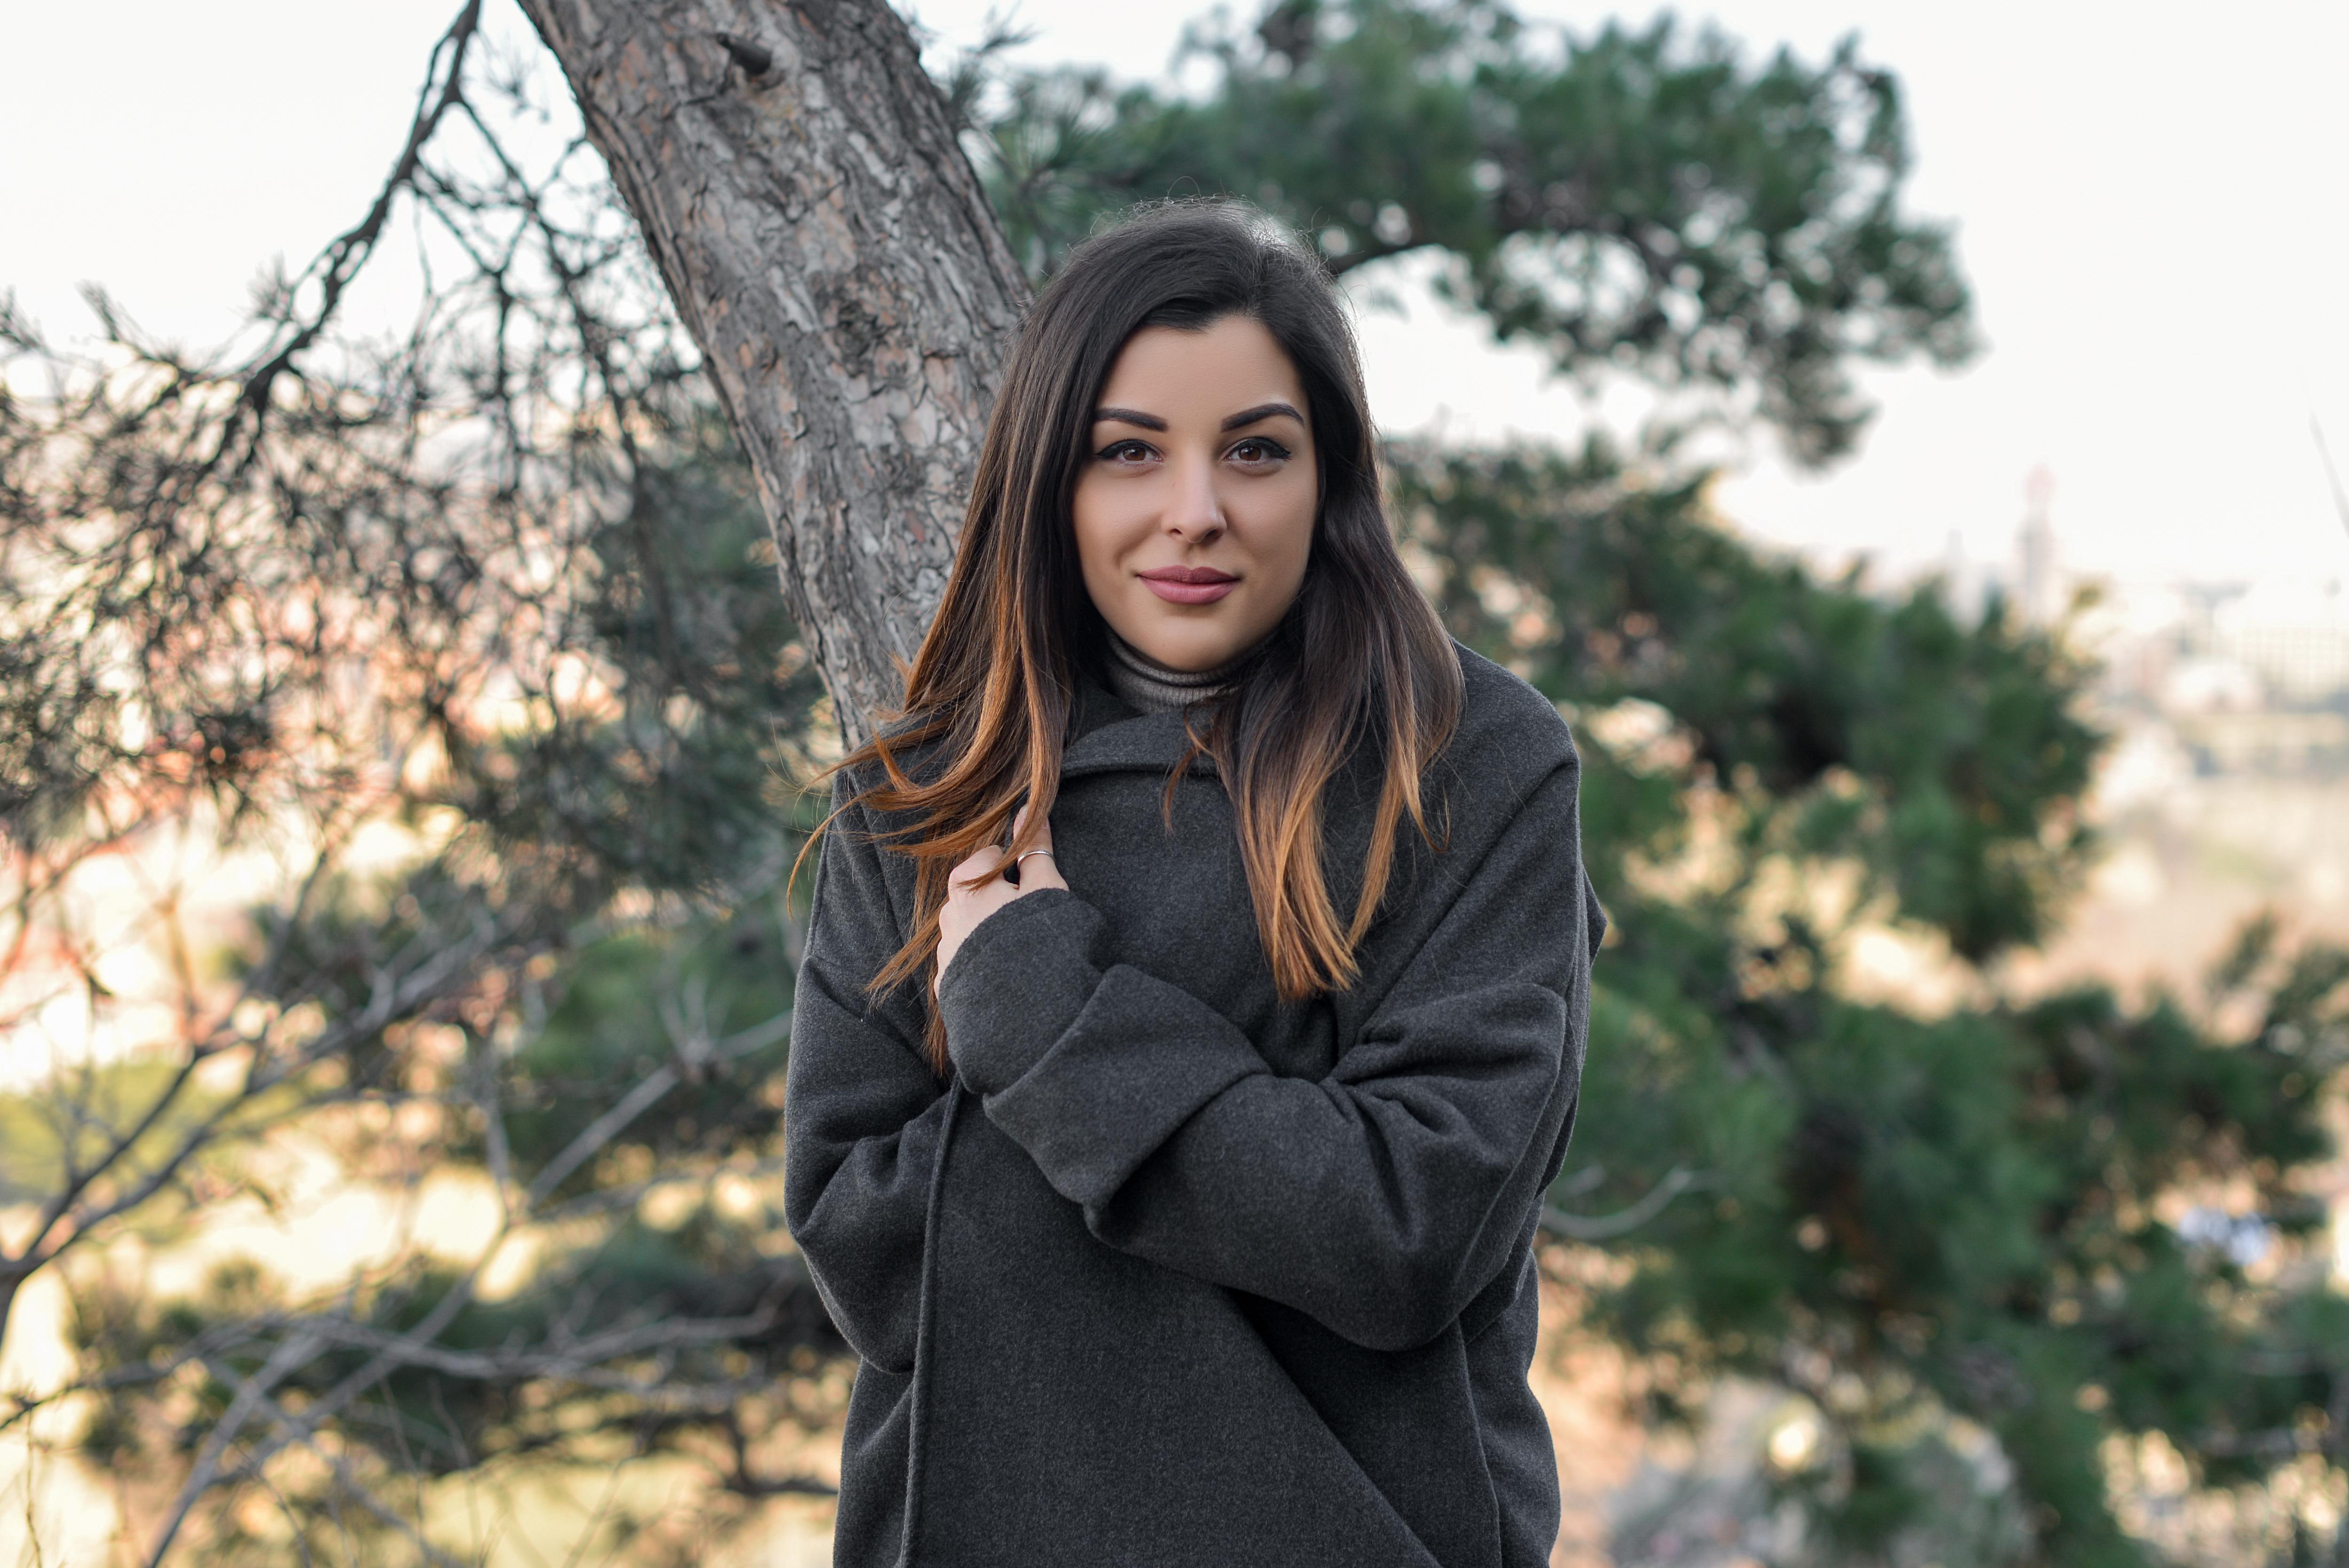 Частный гид экскурсовод по Тбилиси Надя